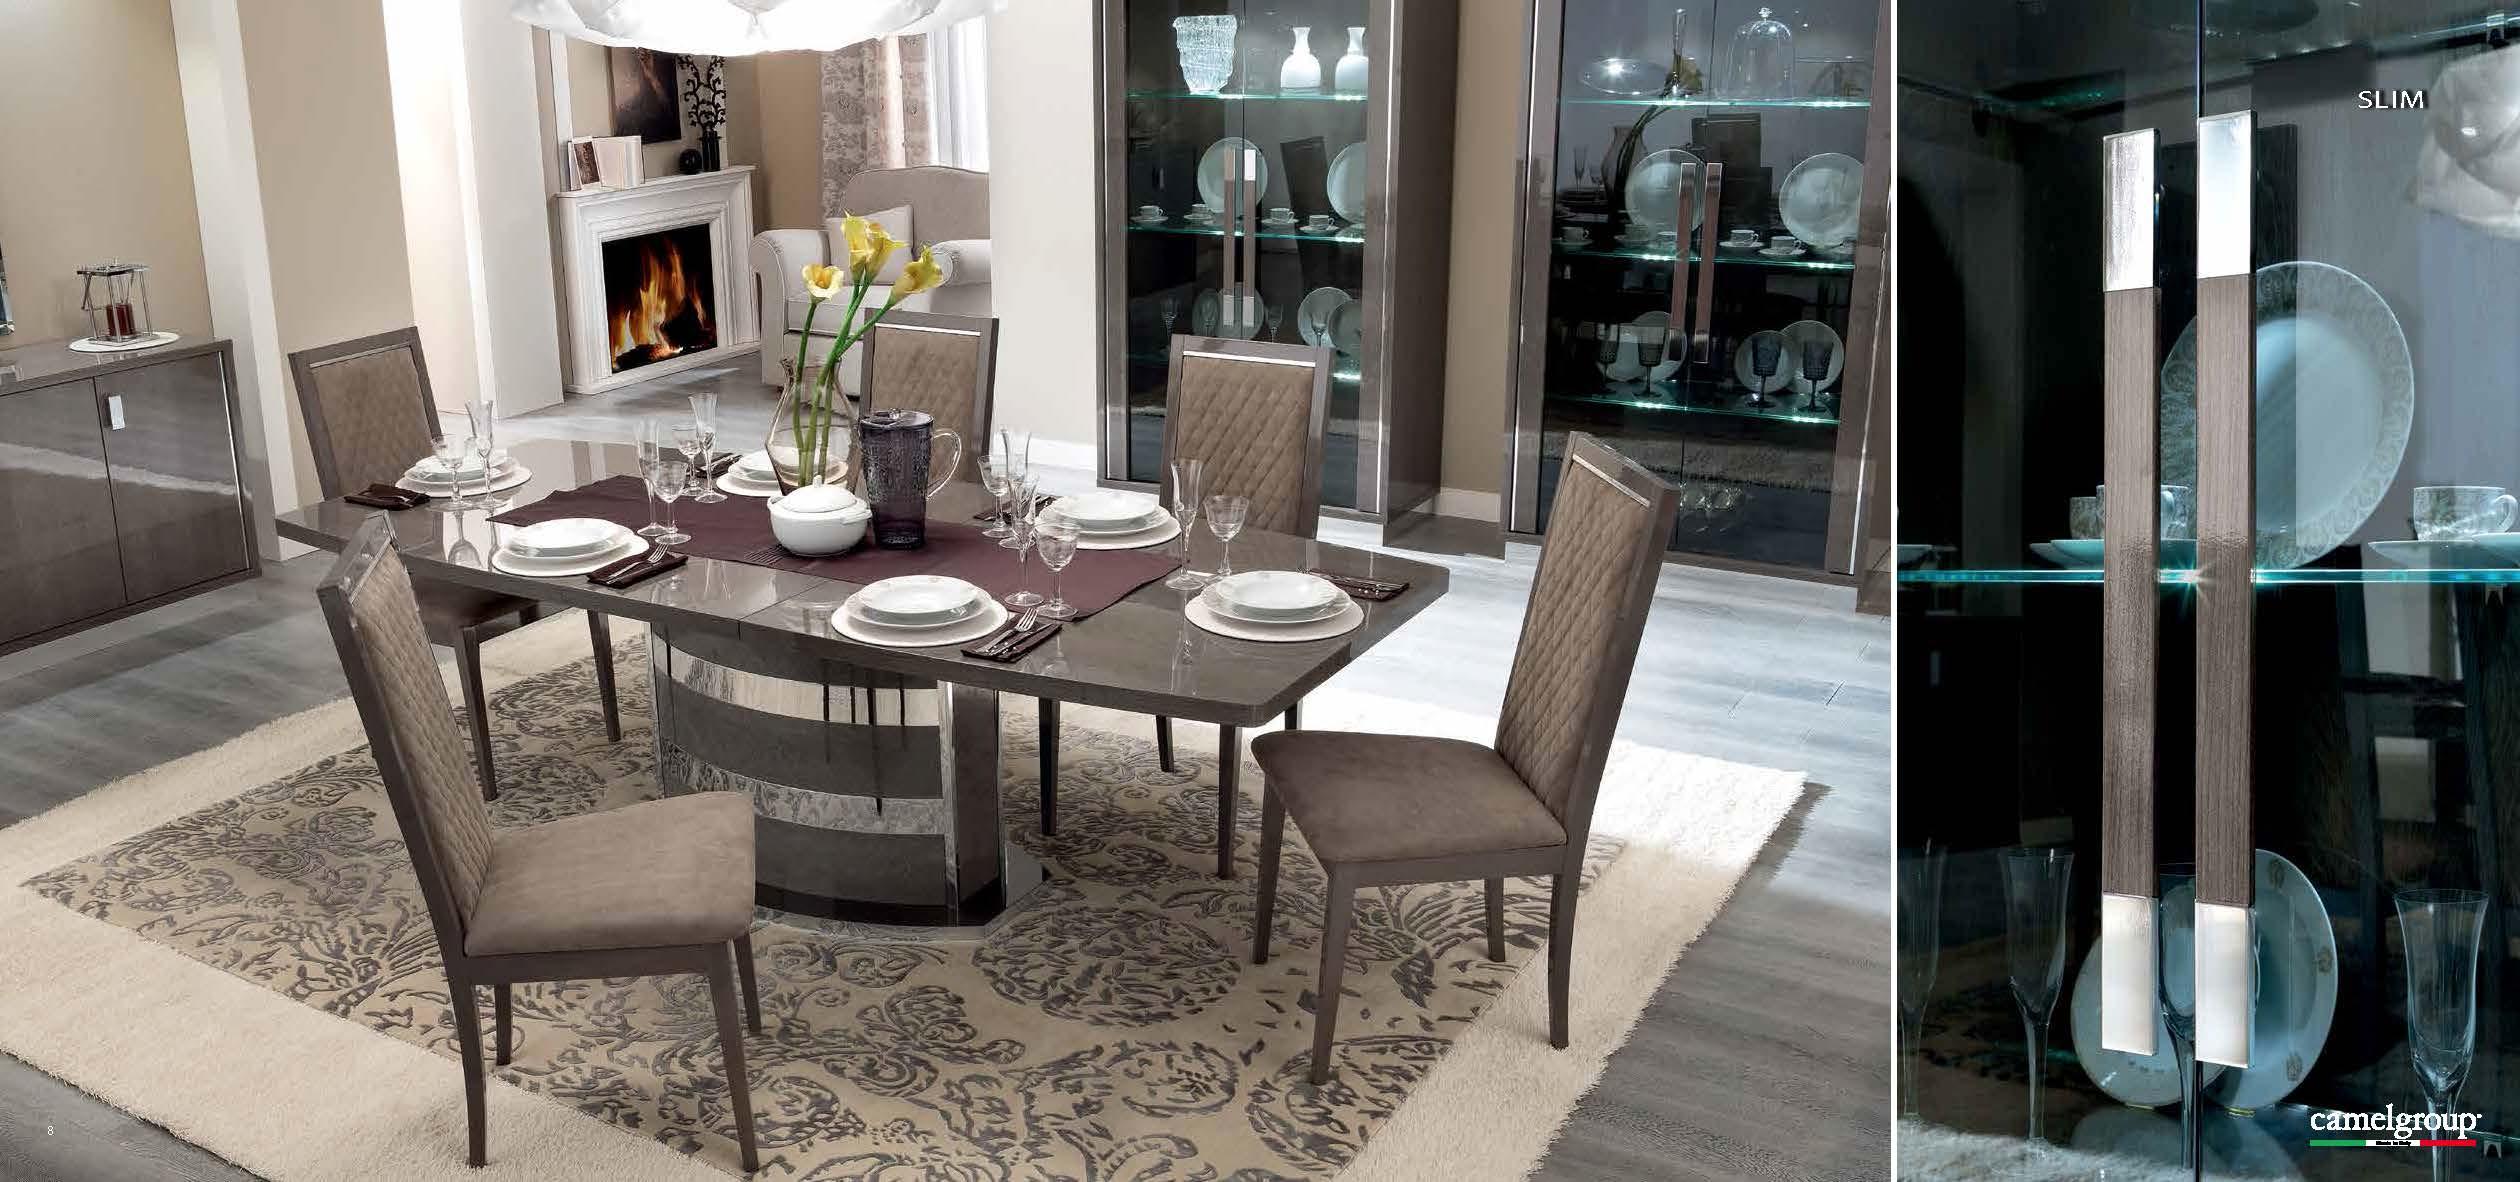 Platinum Slim Dining Modern Dining Room Sets Dining Room